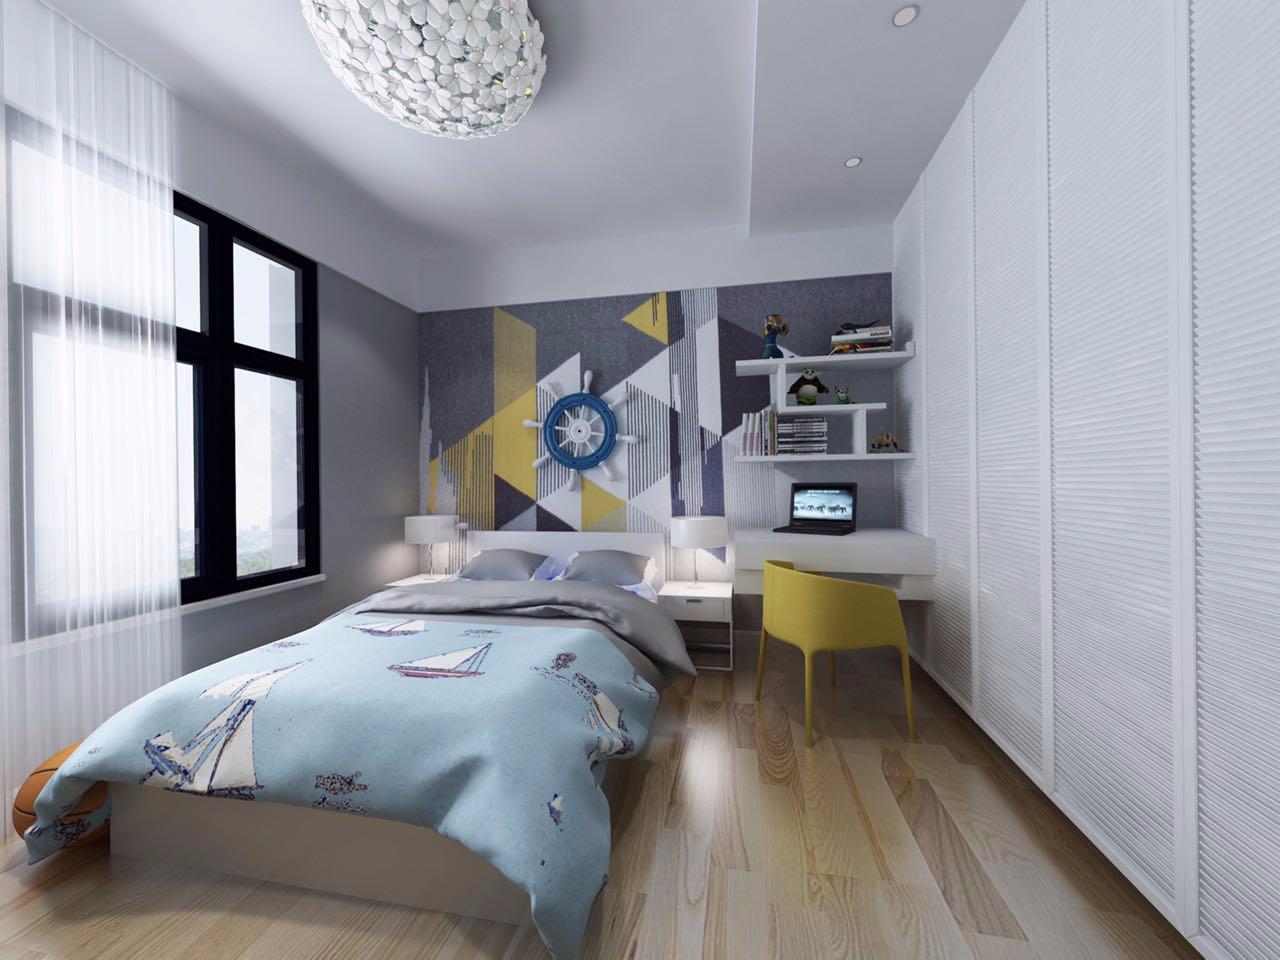 2021现代简约儿童房装饰设计 2021现代简约背景墙装修设计